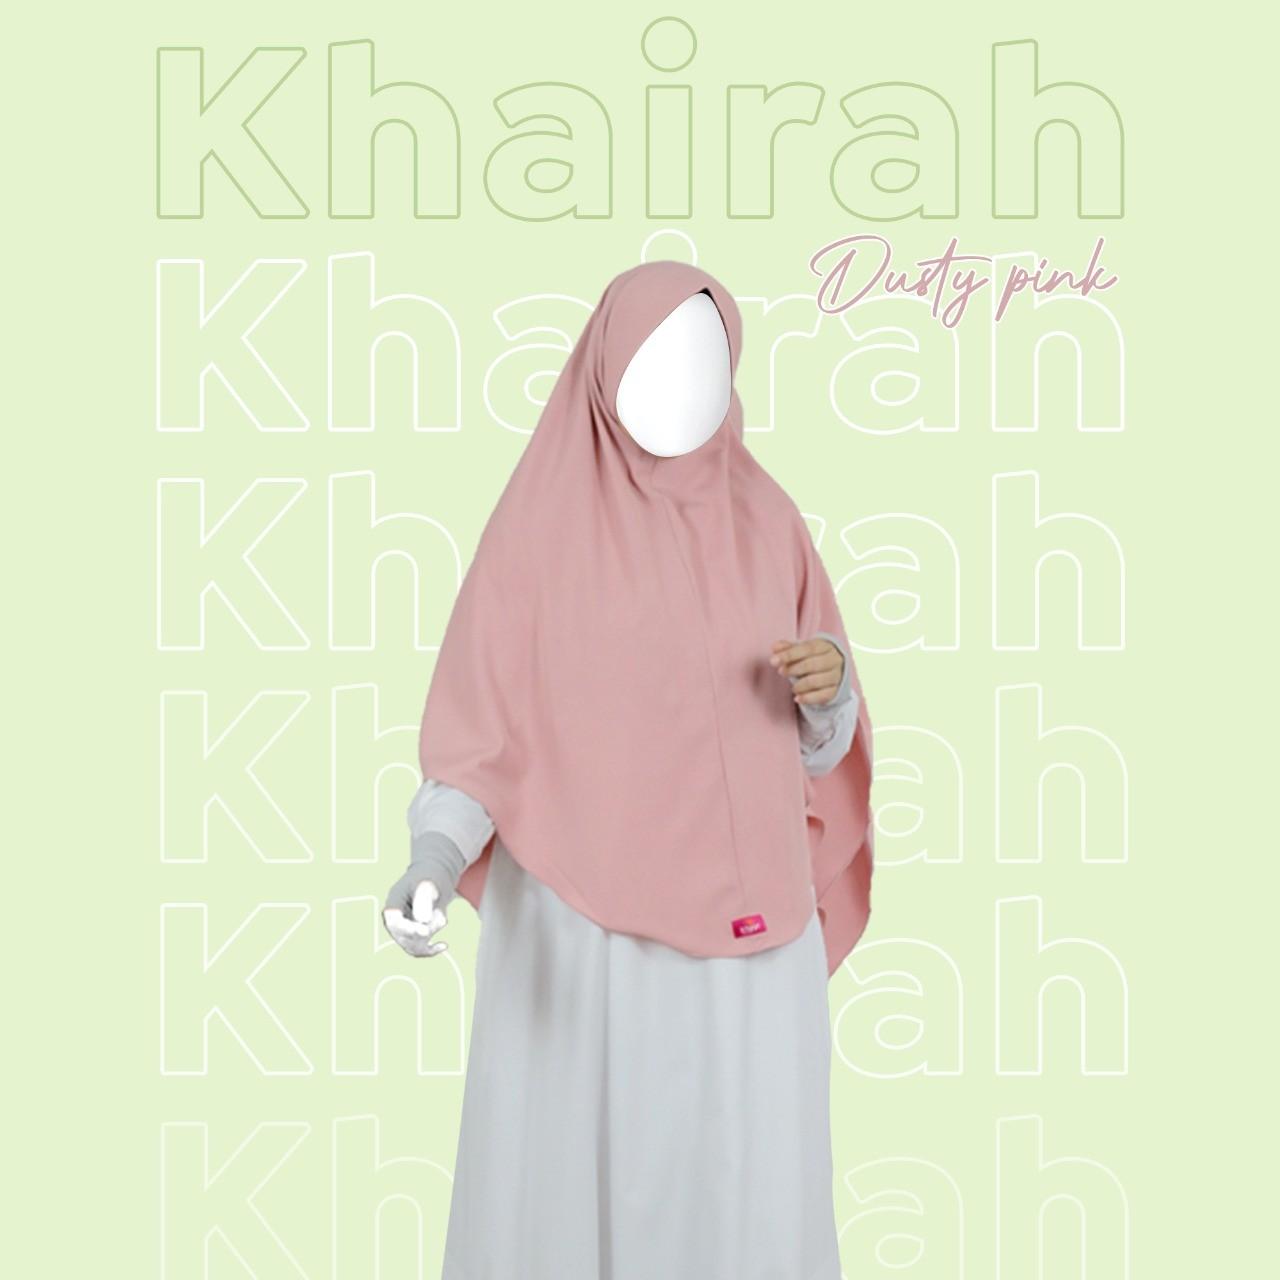 Khairah Dusty Pink